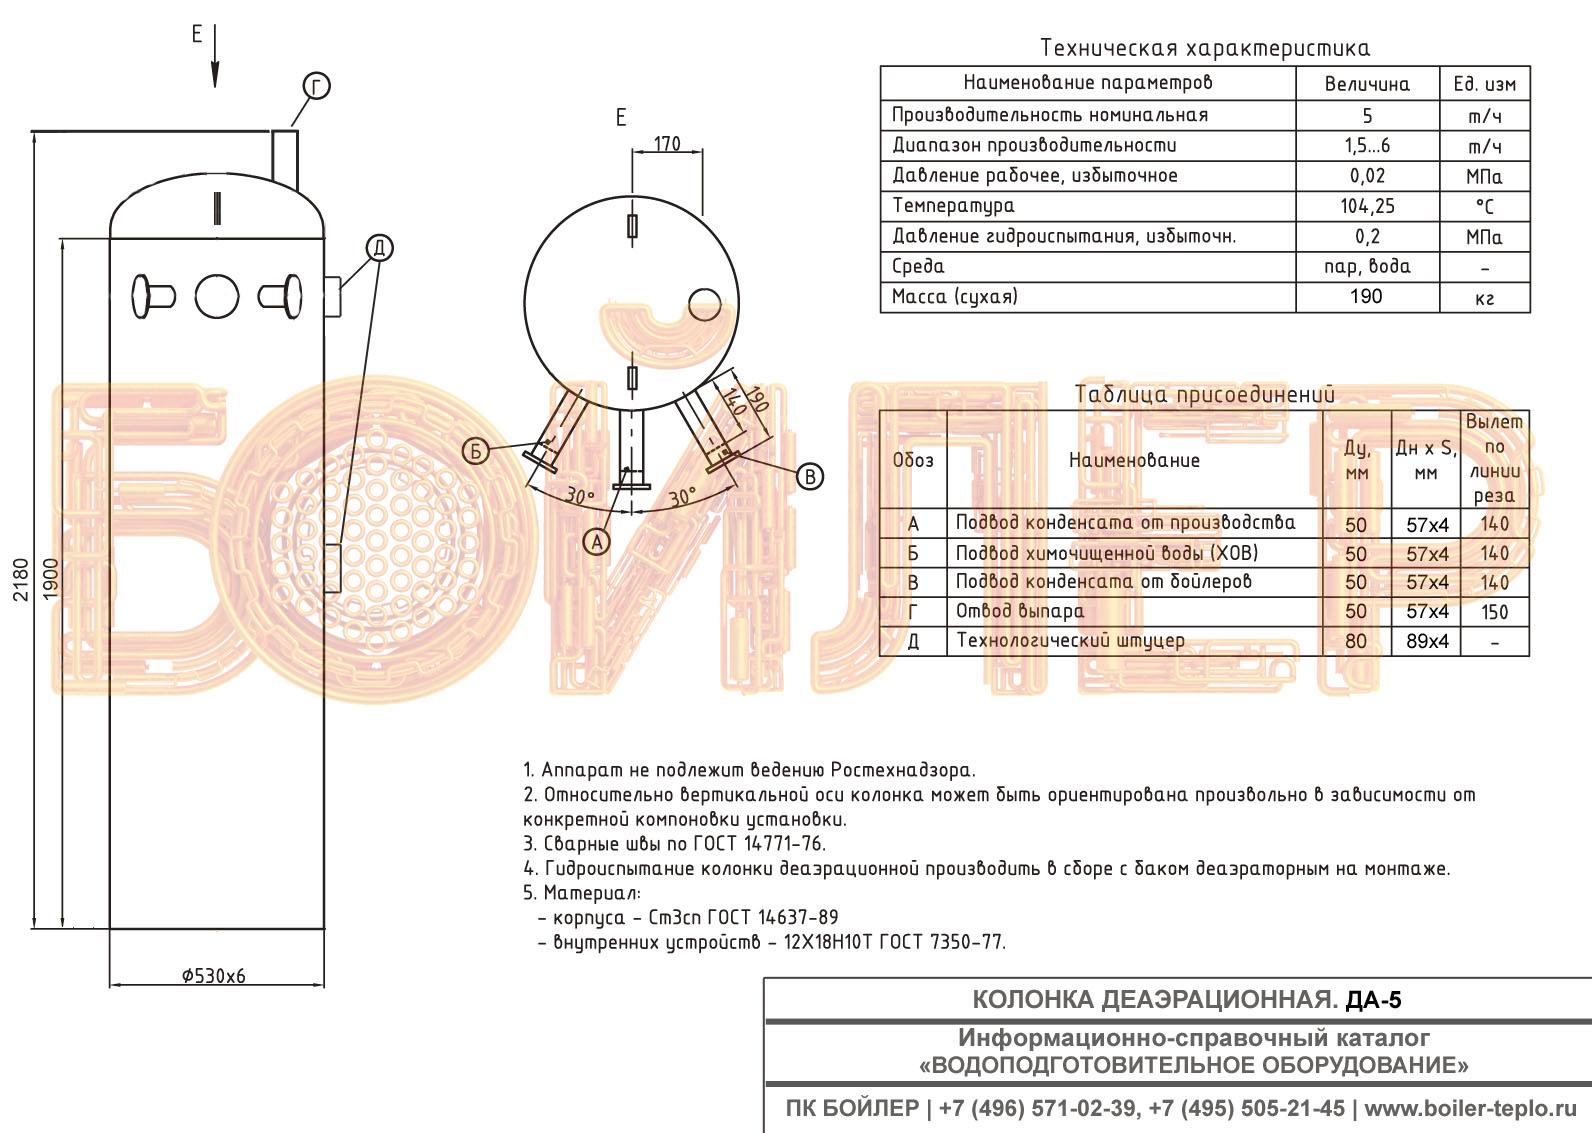 Кожухотрубный конденсатор ONDA M 252 Москва Разборный пластинчатый теплообменник APV SR4 Каспийск